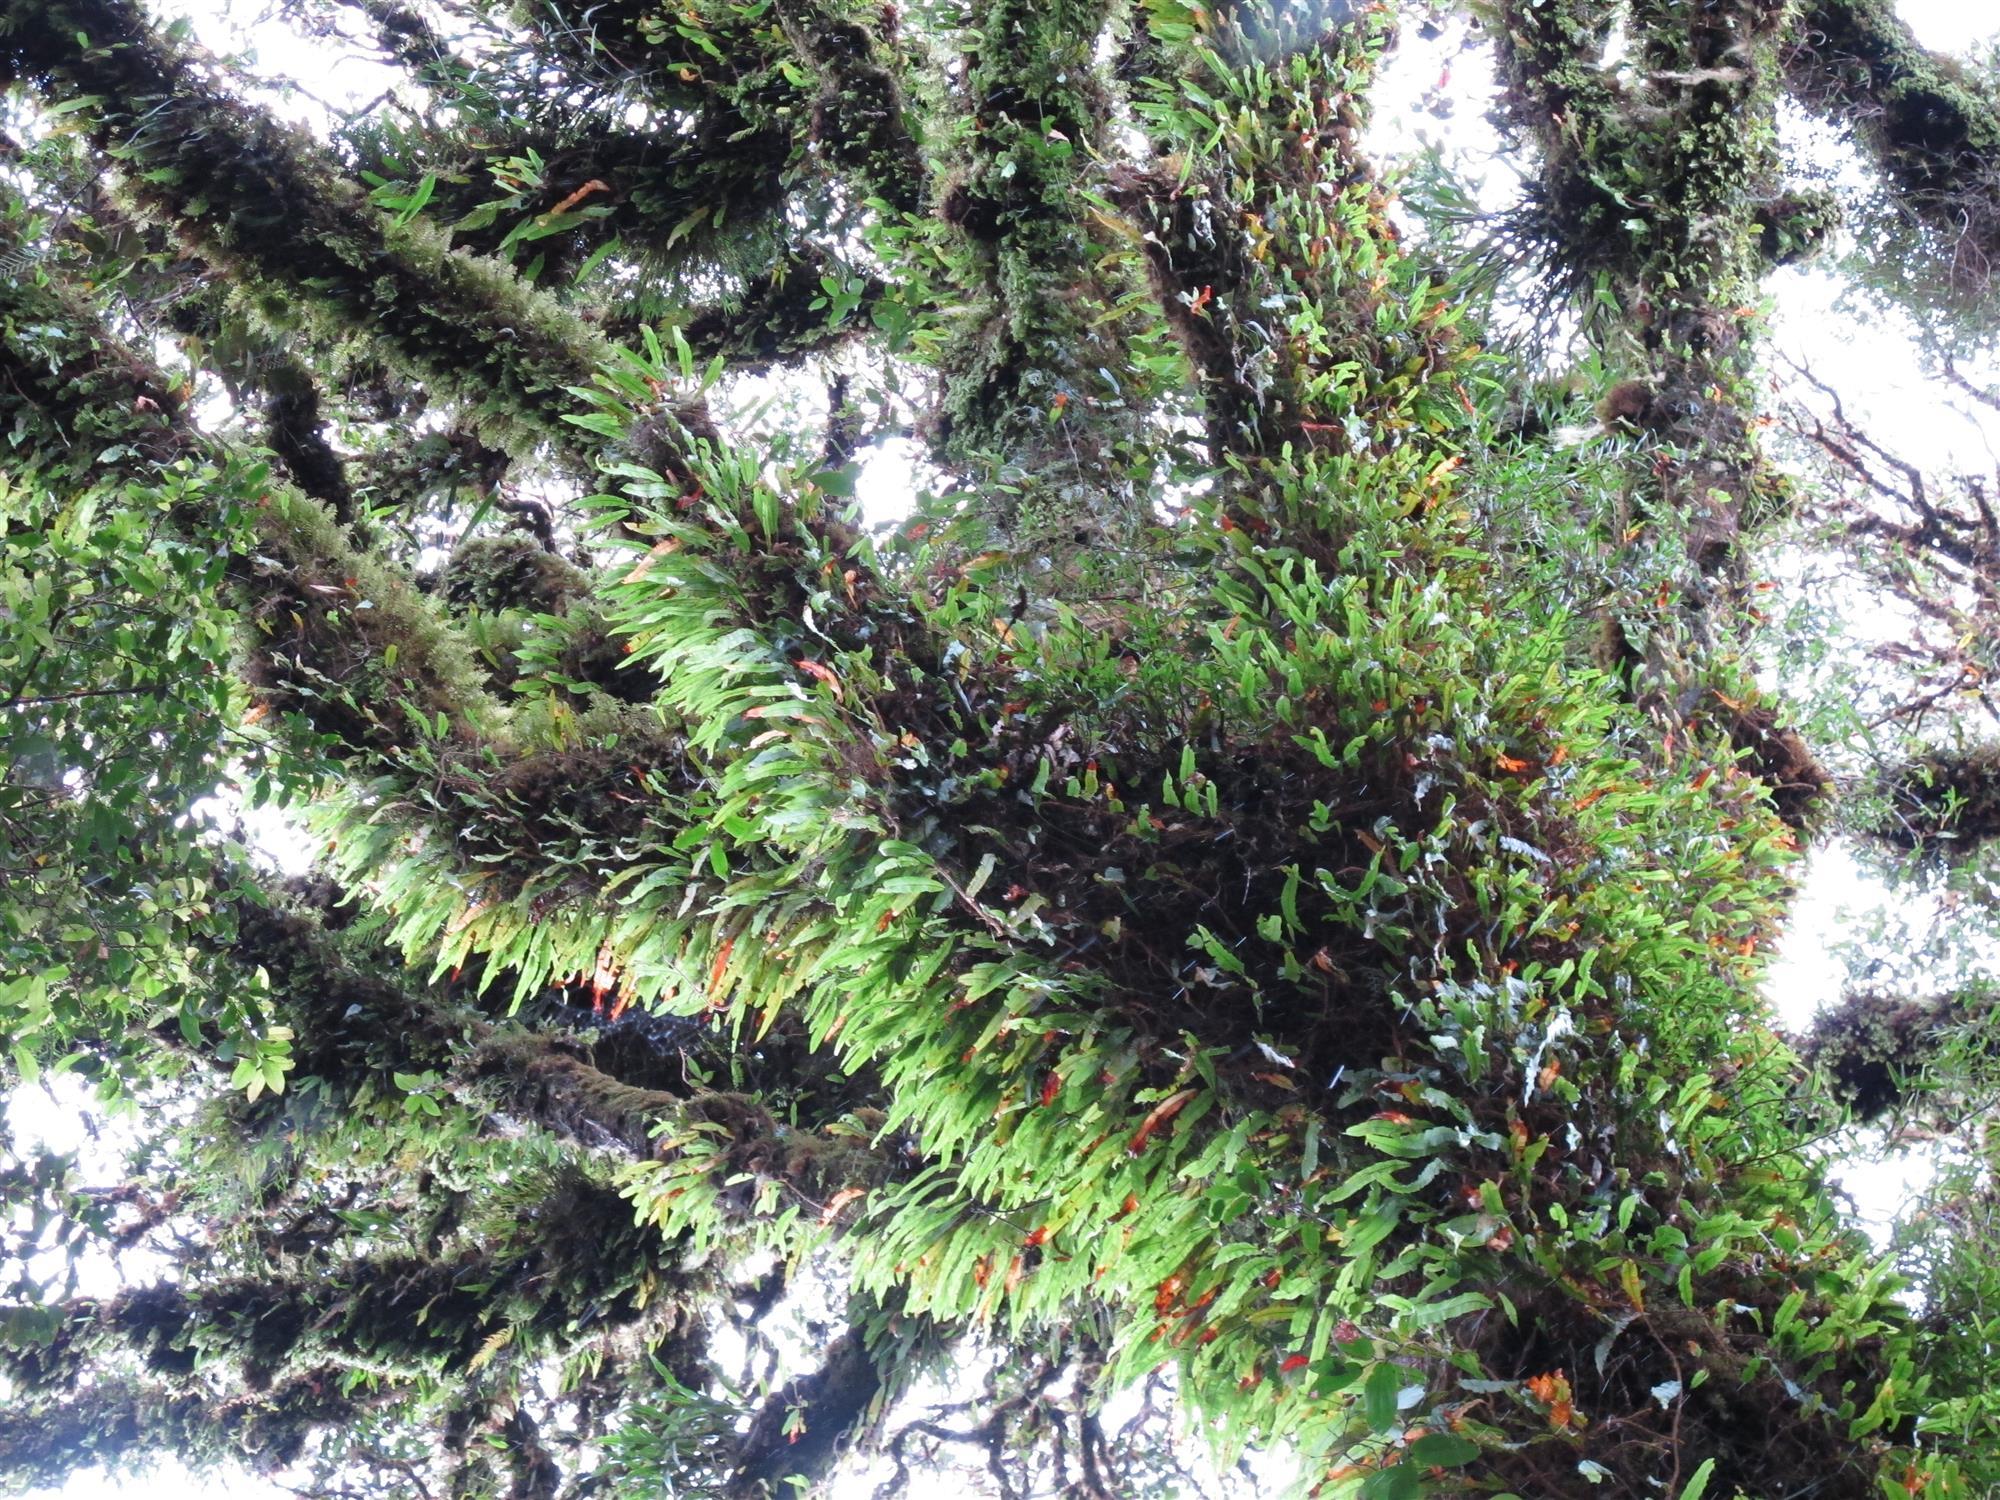 En Las Cumbres De Papua Nueva Guinea Crecen Arboles Imponentes - Arboles-pequeos